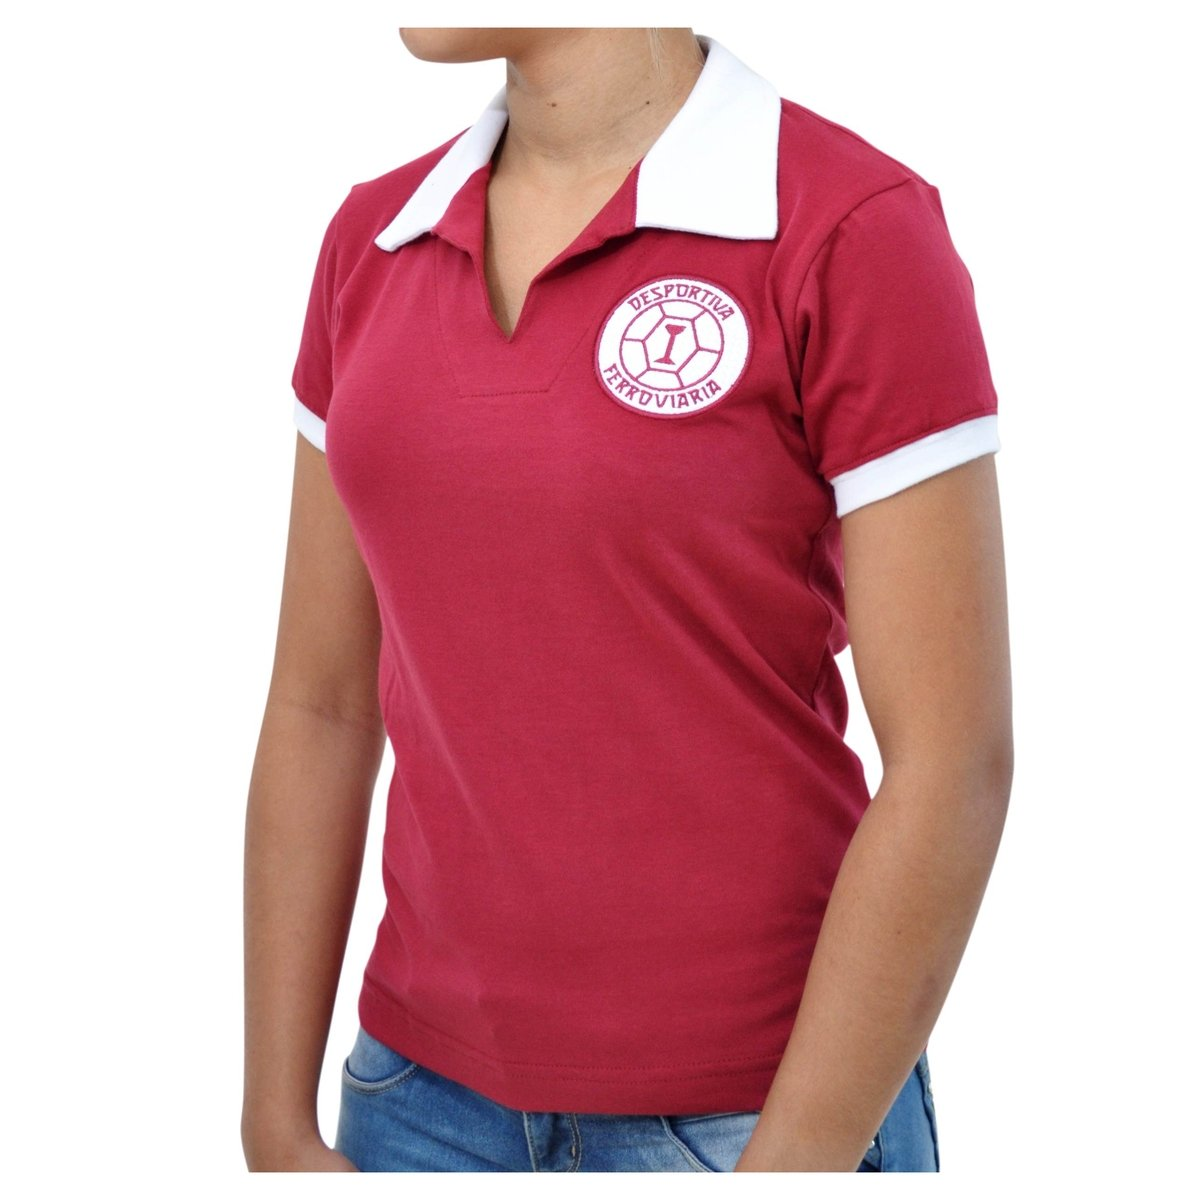 Camisa Camisa 1965 Feminina Mania Retrô Desportiva Feminina Desportiva Mania Retrô Vinho Ferroviária IqrIgw